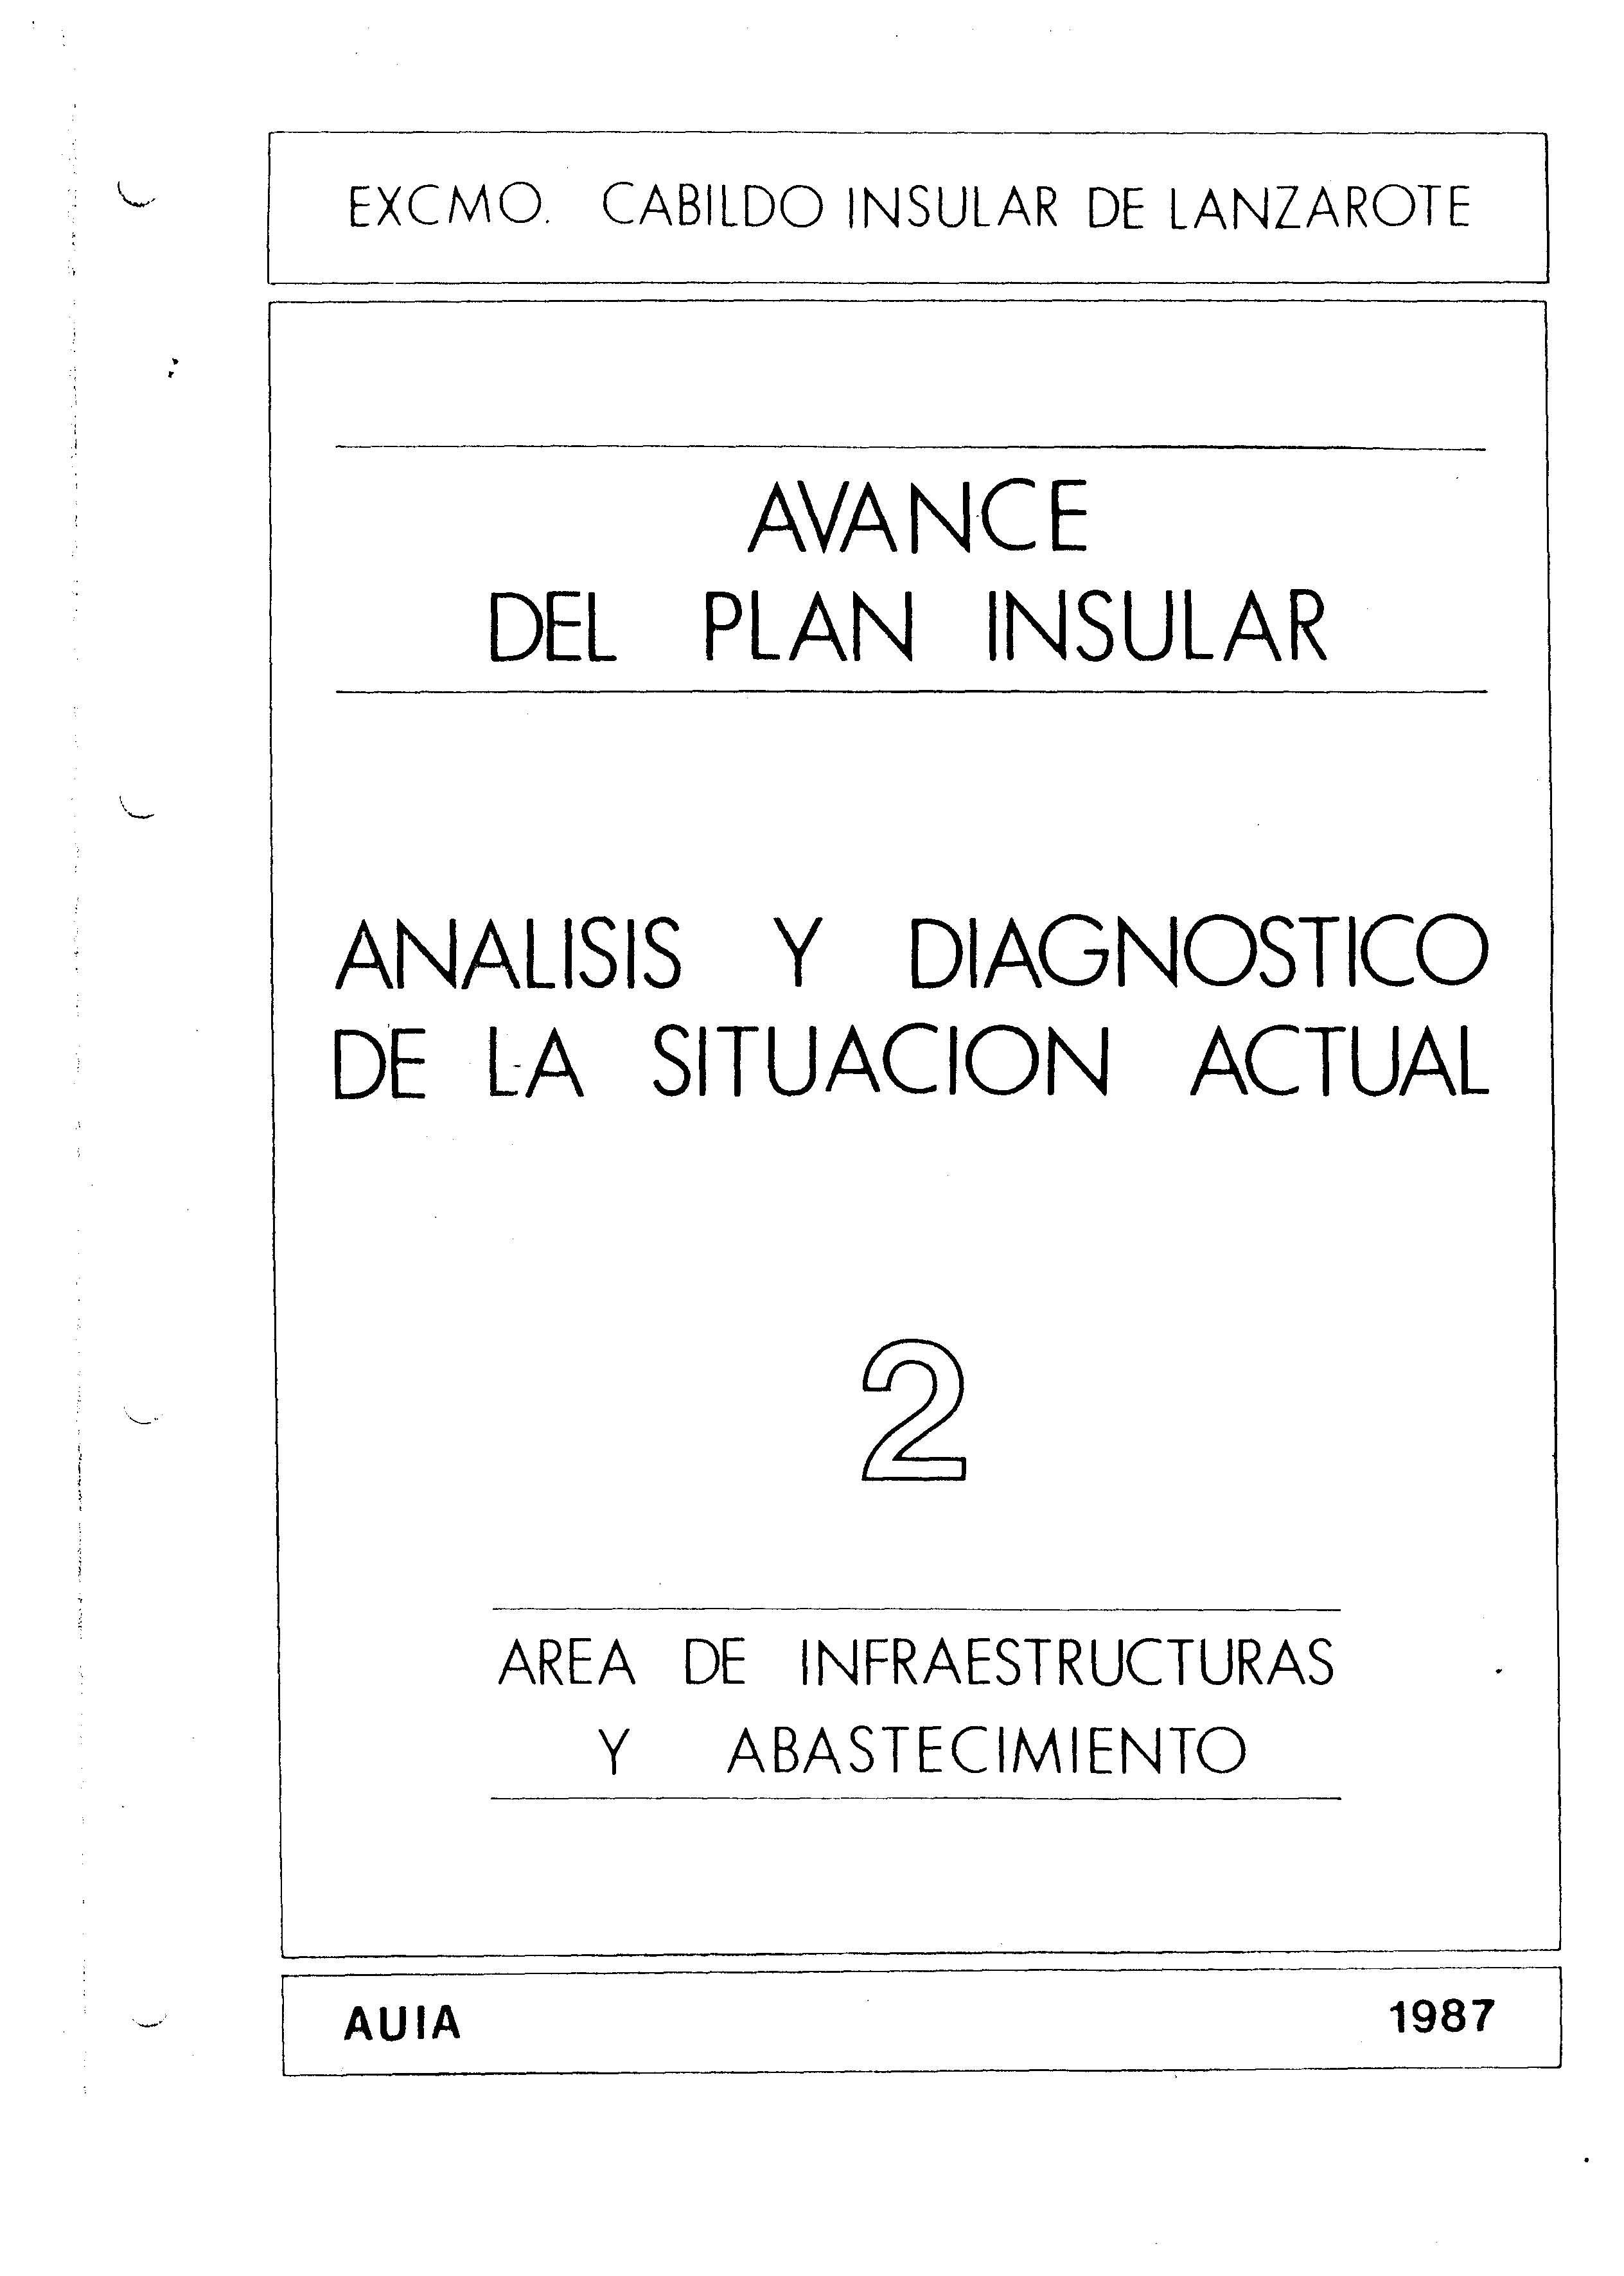 Tomo 2. Infraestructura y absatecimiento. Avance Plan Insular (1987)